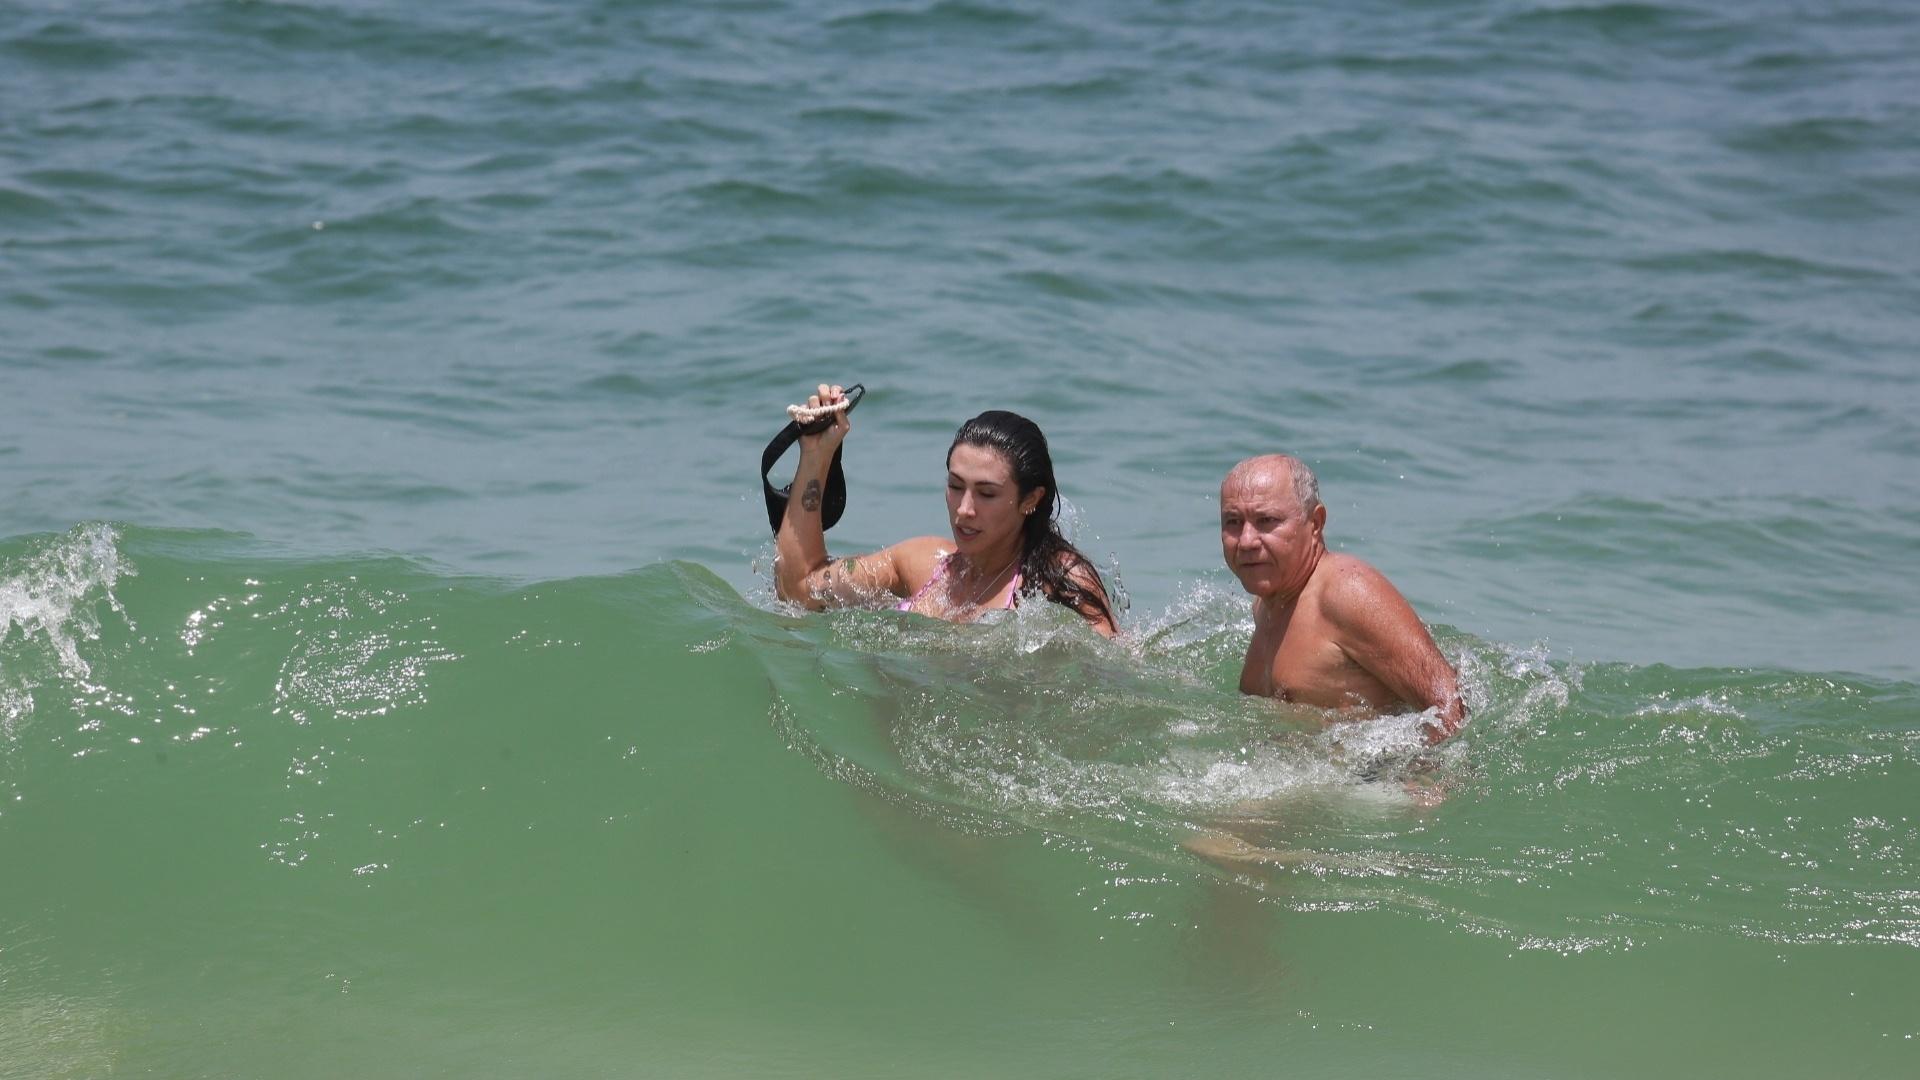 23.fev.2016 - A ex-BBB Jaque Khury não ligou para a presença do paparazzi e ainda sorriu para as fotos na praia da Barra da Tijuca, no Rio de Janeiro. Além de simpatia, a morena esbanjou boa forma ao mergulhar no mar de biquíni